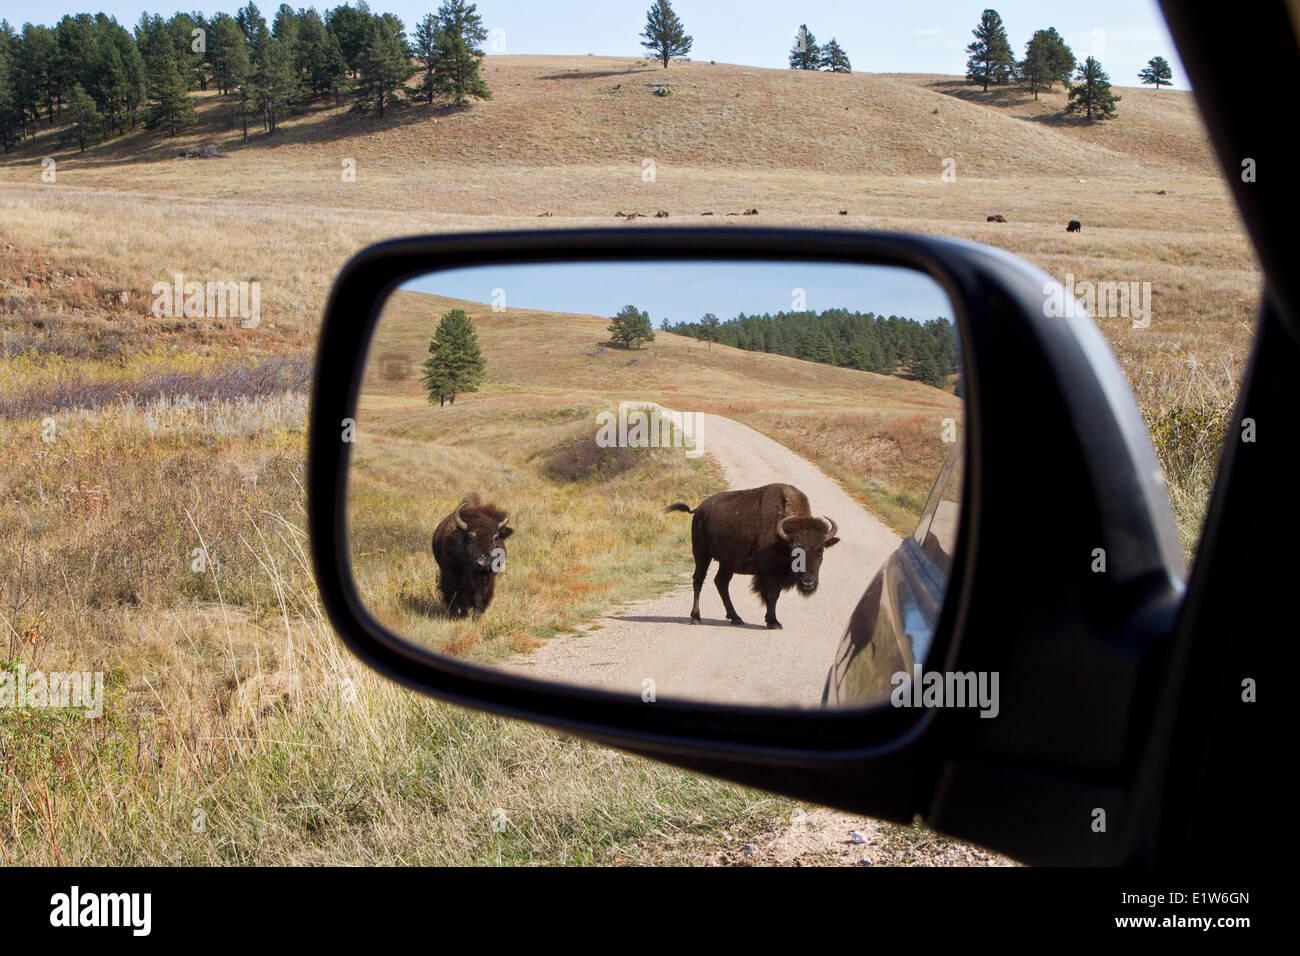 Pianure (Bison bison bison bison) in specchietto retrovisore (e allevamento in distanza), Custer State Park, Sud Immagini Stock